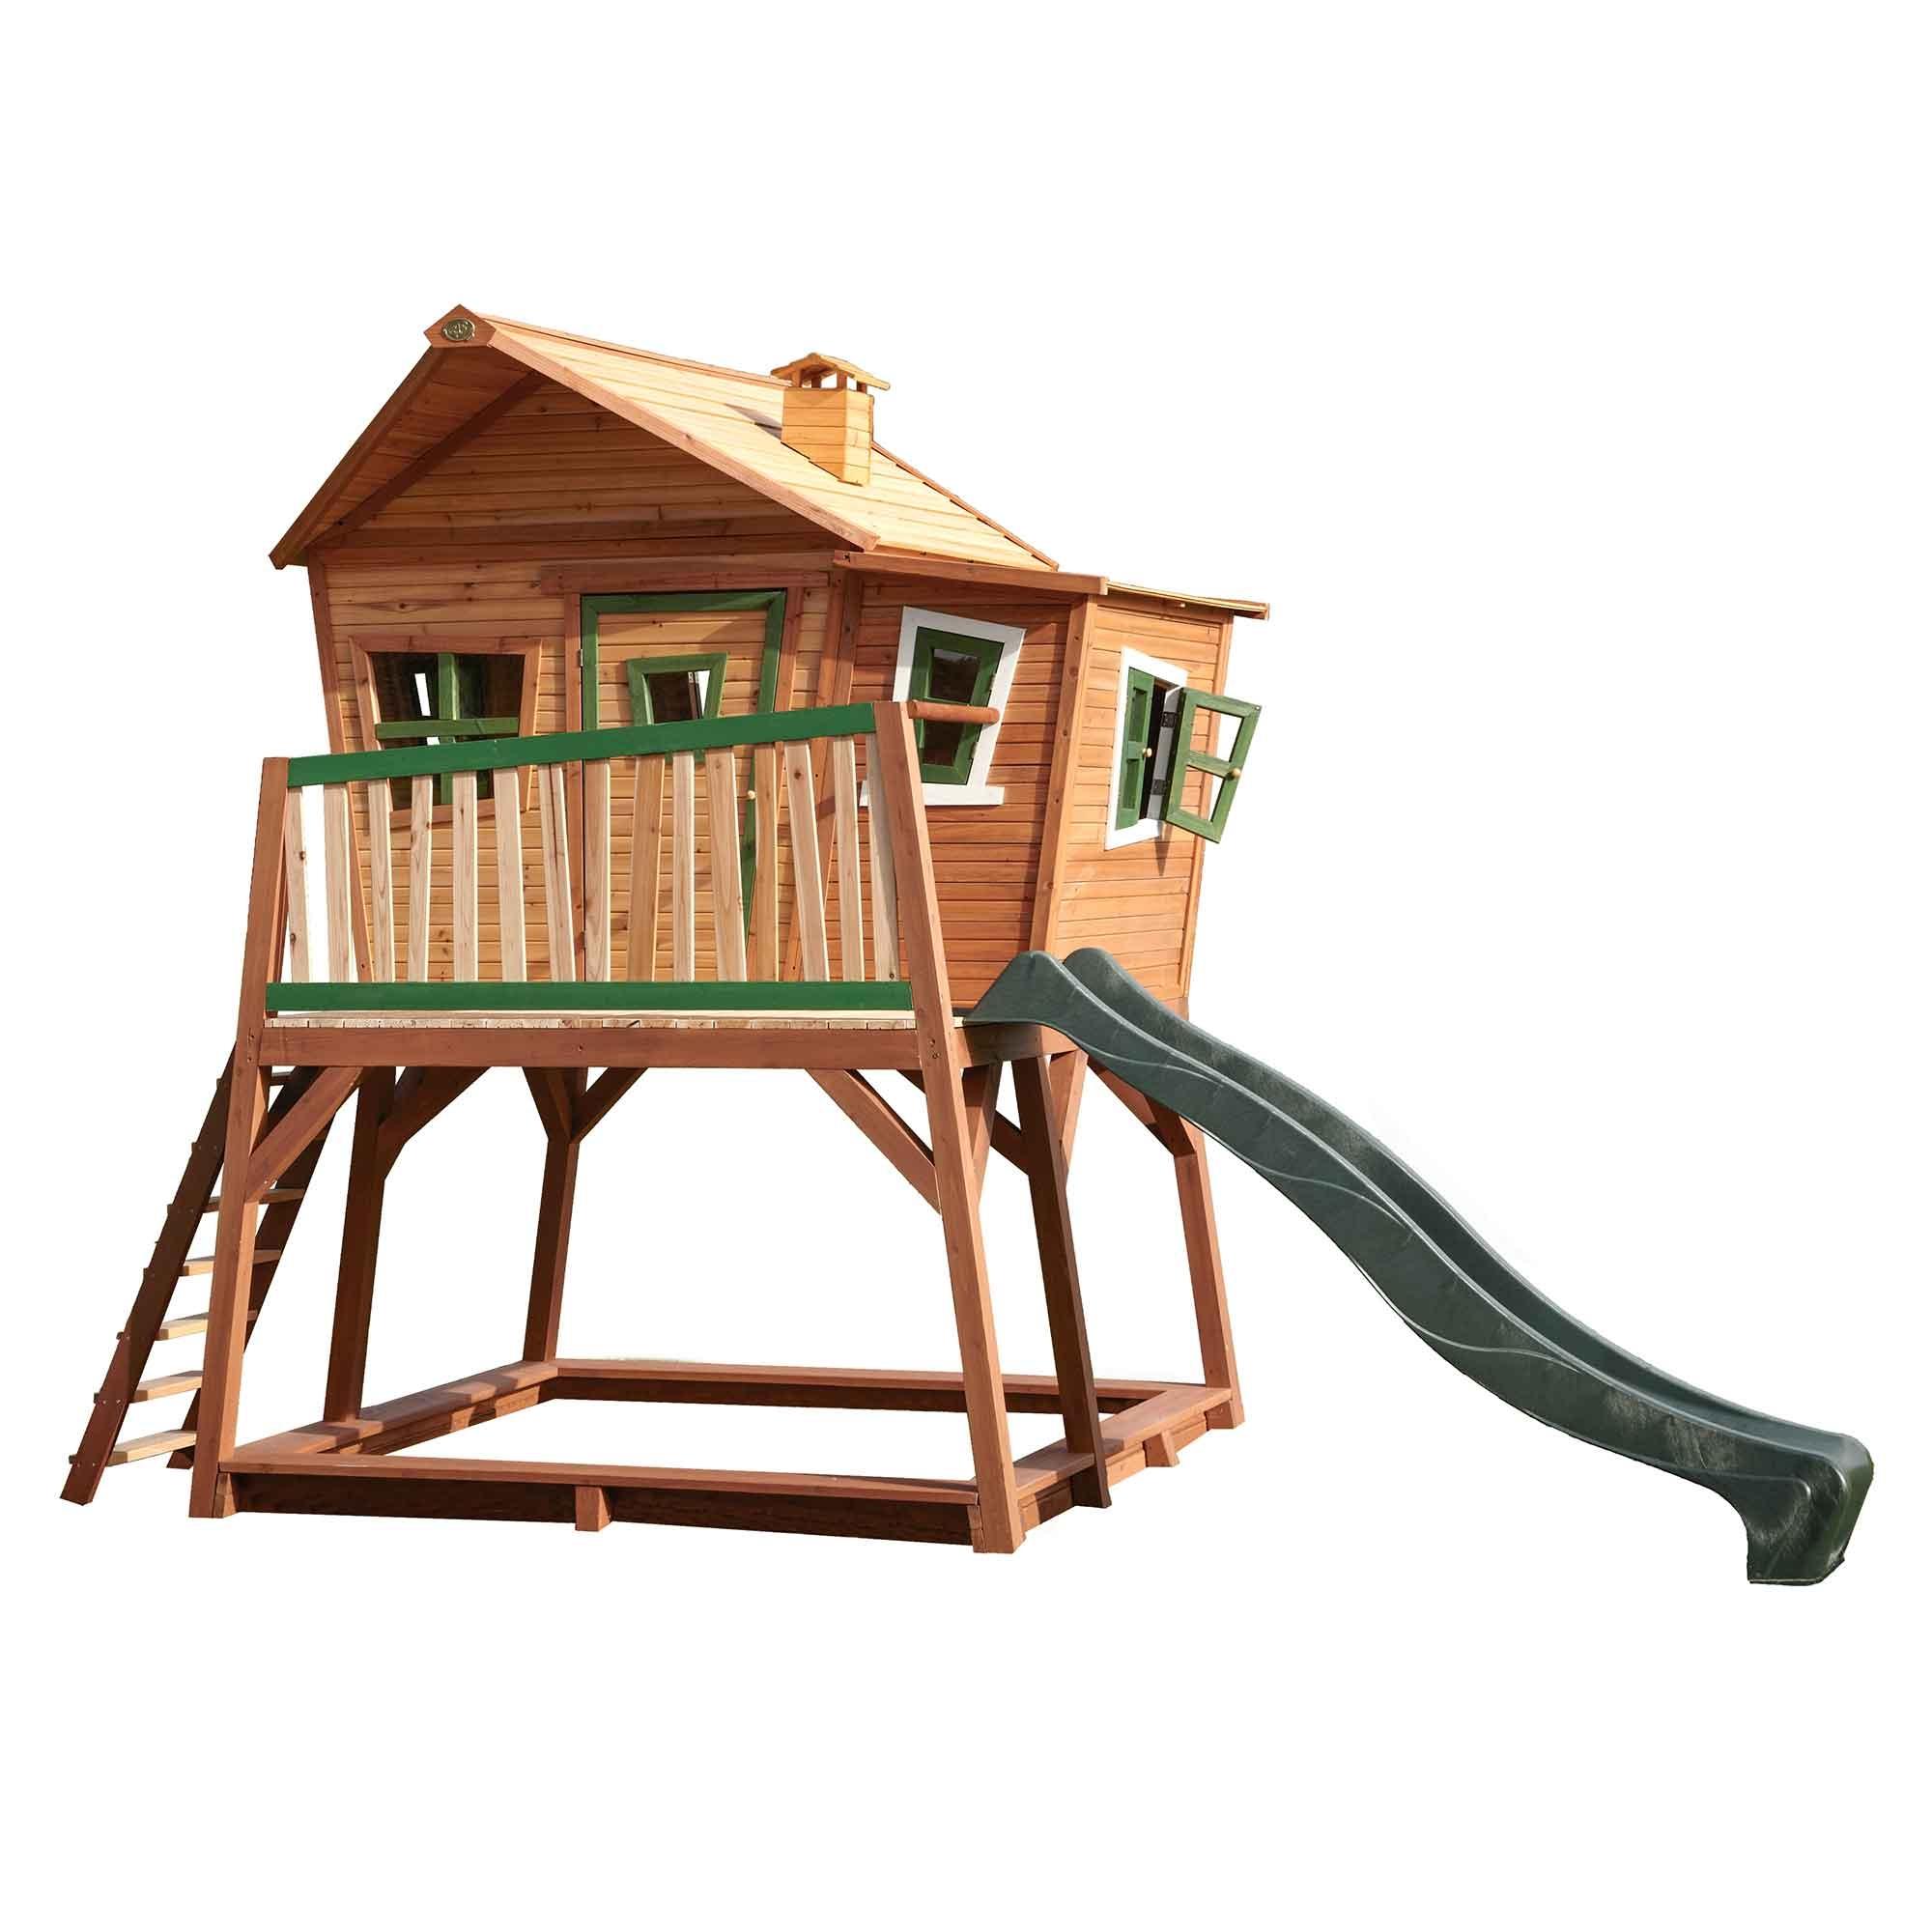 Grande cabane en bois pour enfant avec toboggan vert